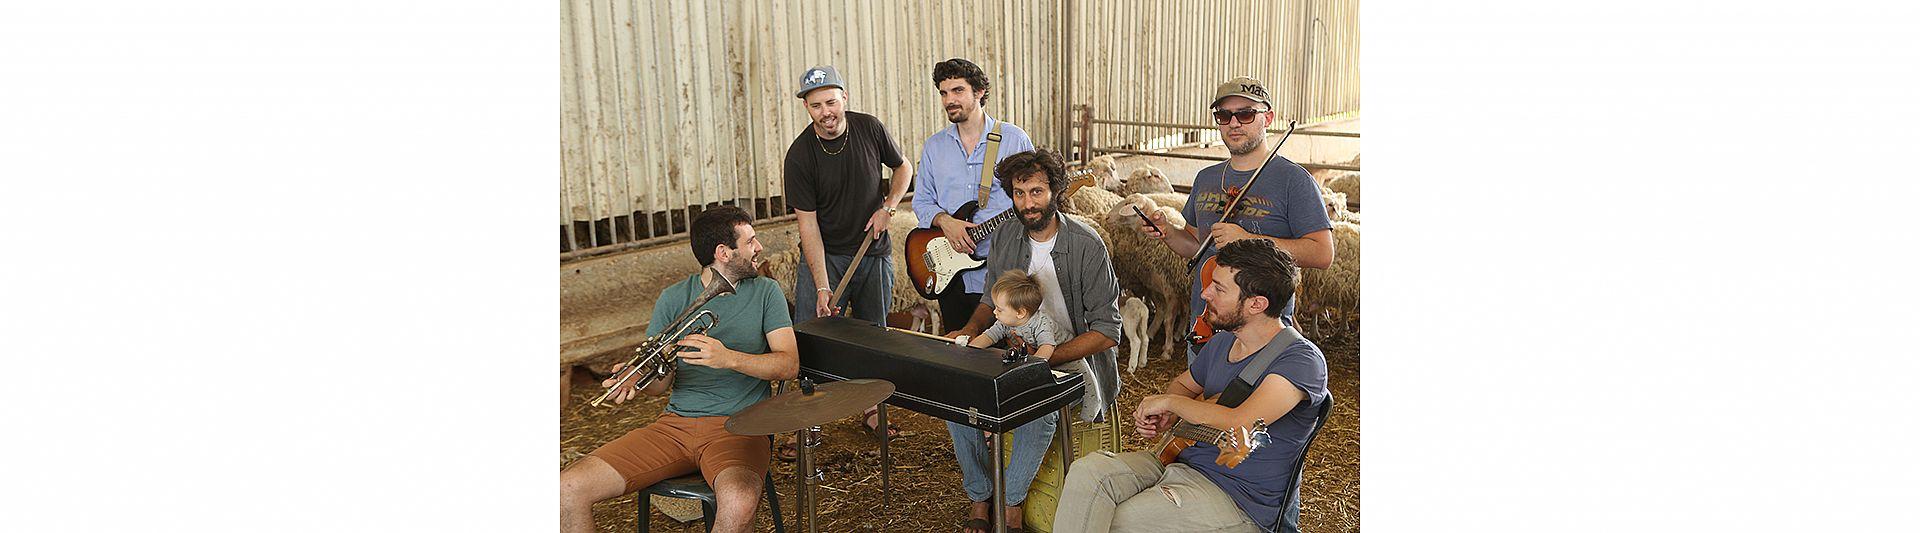 אלון עדר ולהקה - תזמורת המהפכה